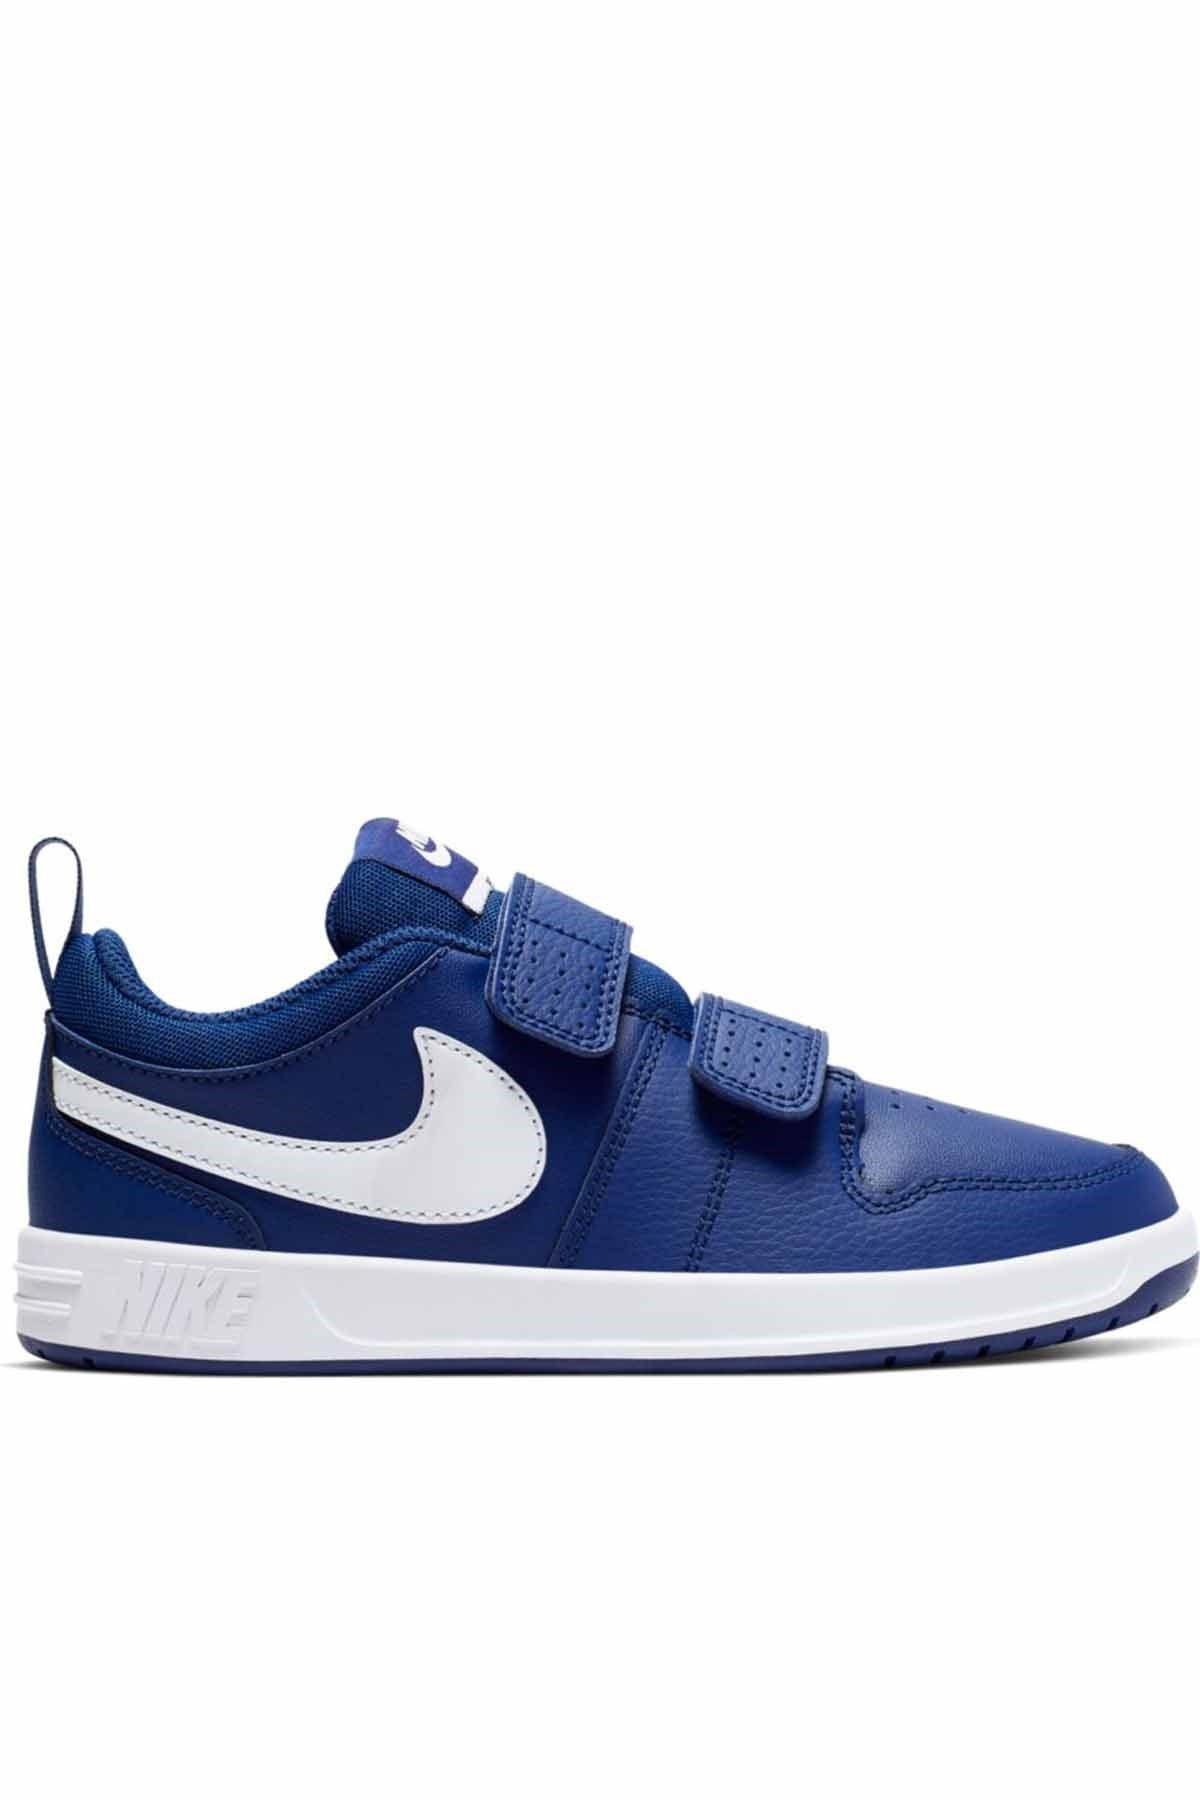 Nike Pıco 5 (Psv) Çocuk Günlük Spor Ayakkabı 0